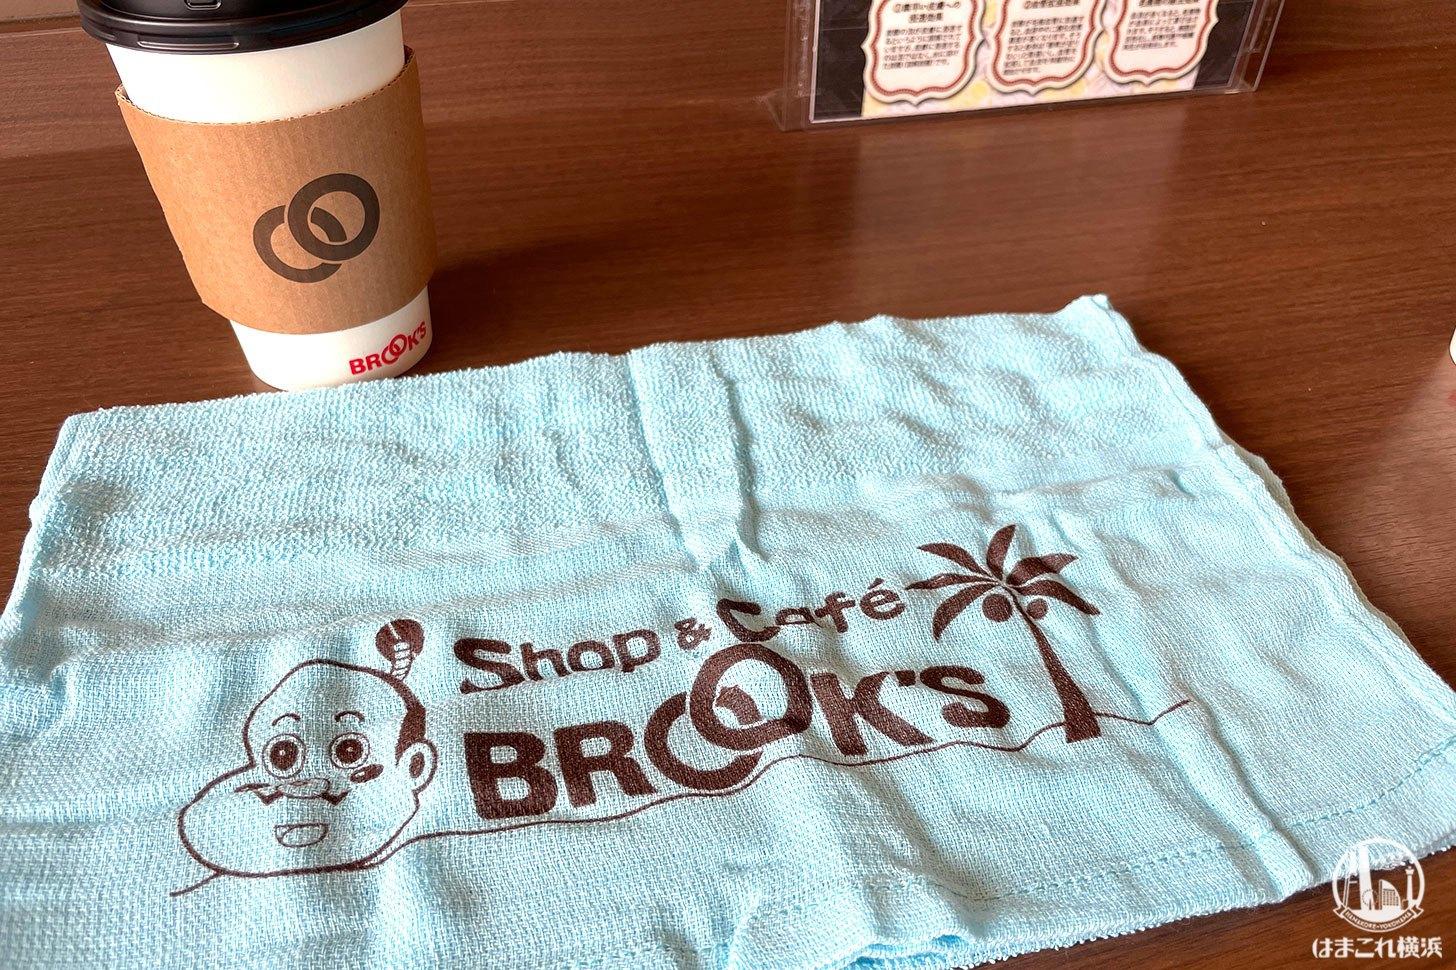 足湯カフェで購入したタオル